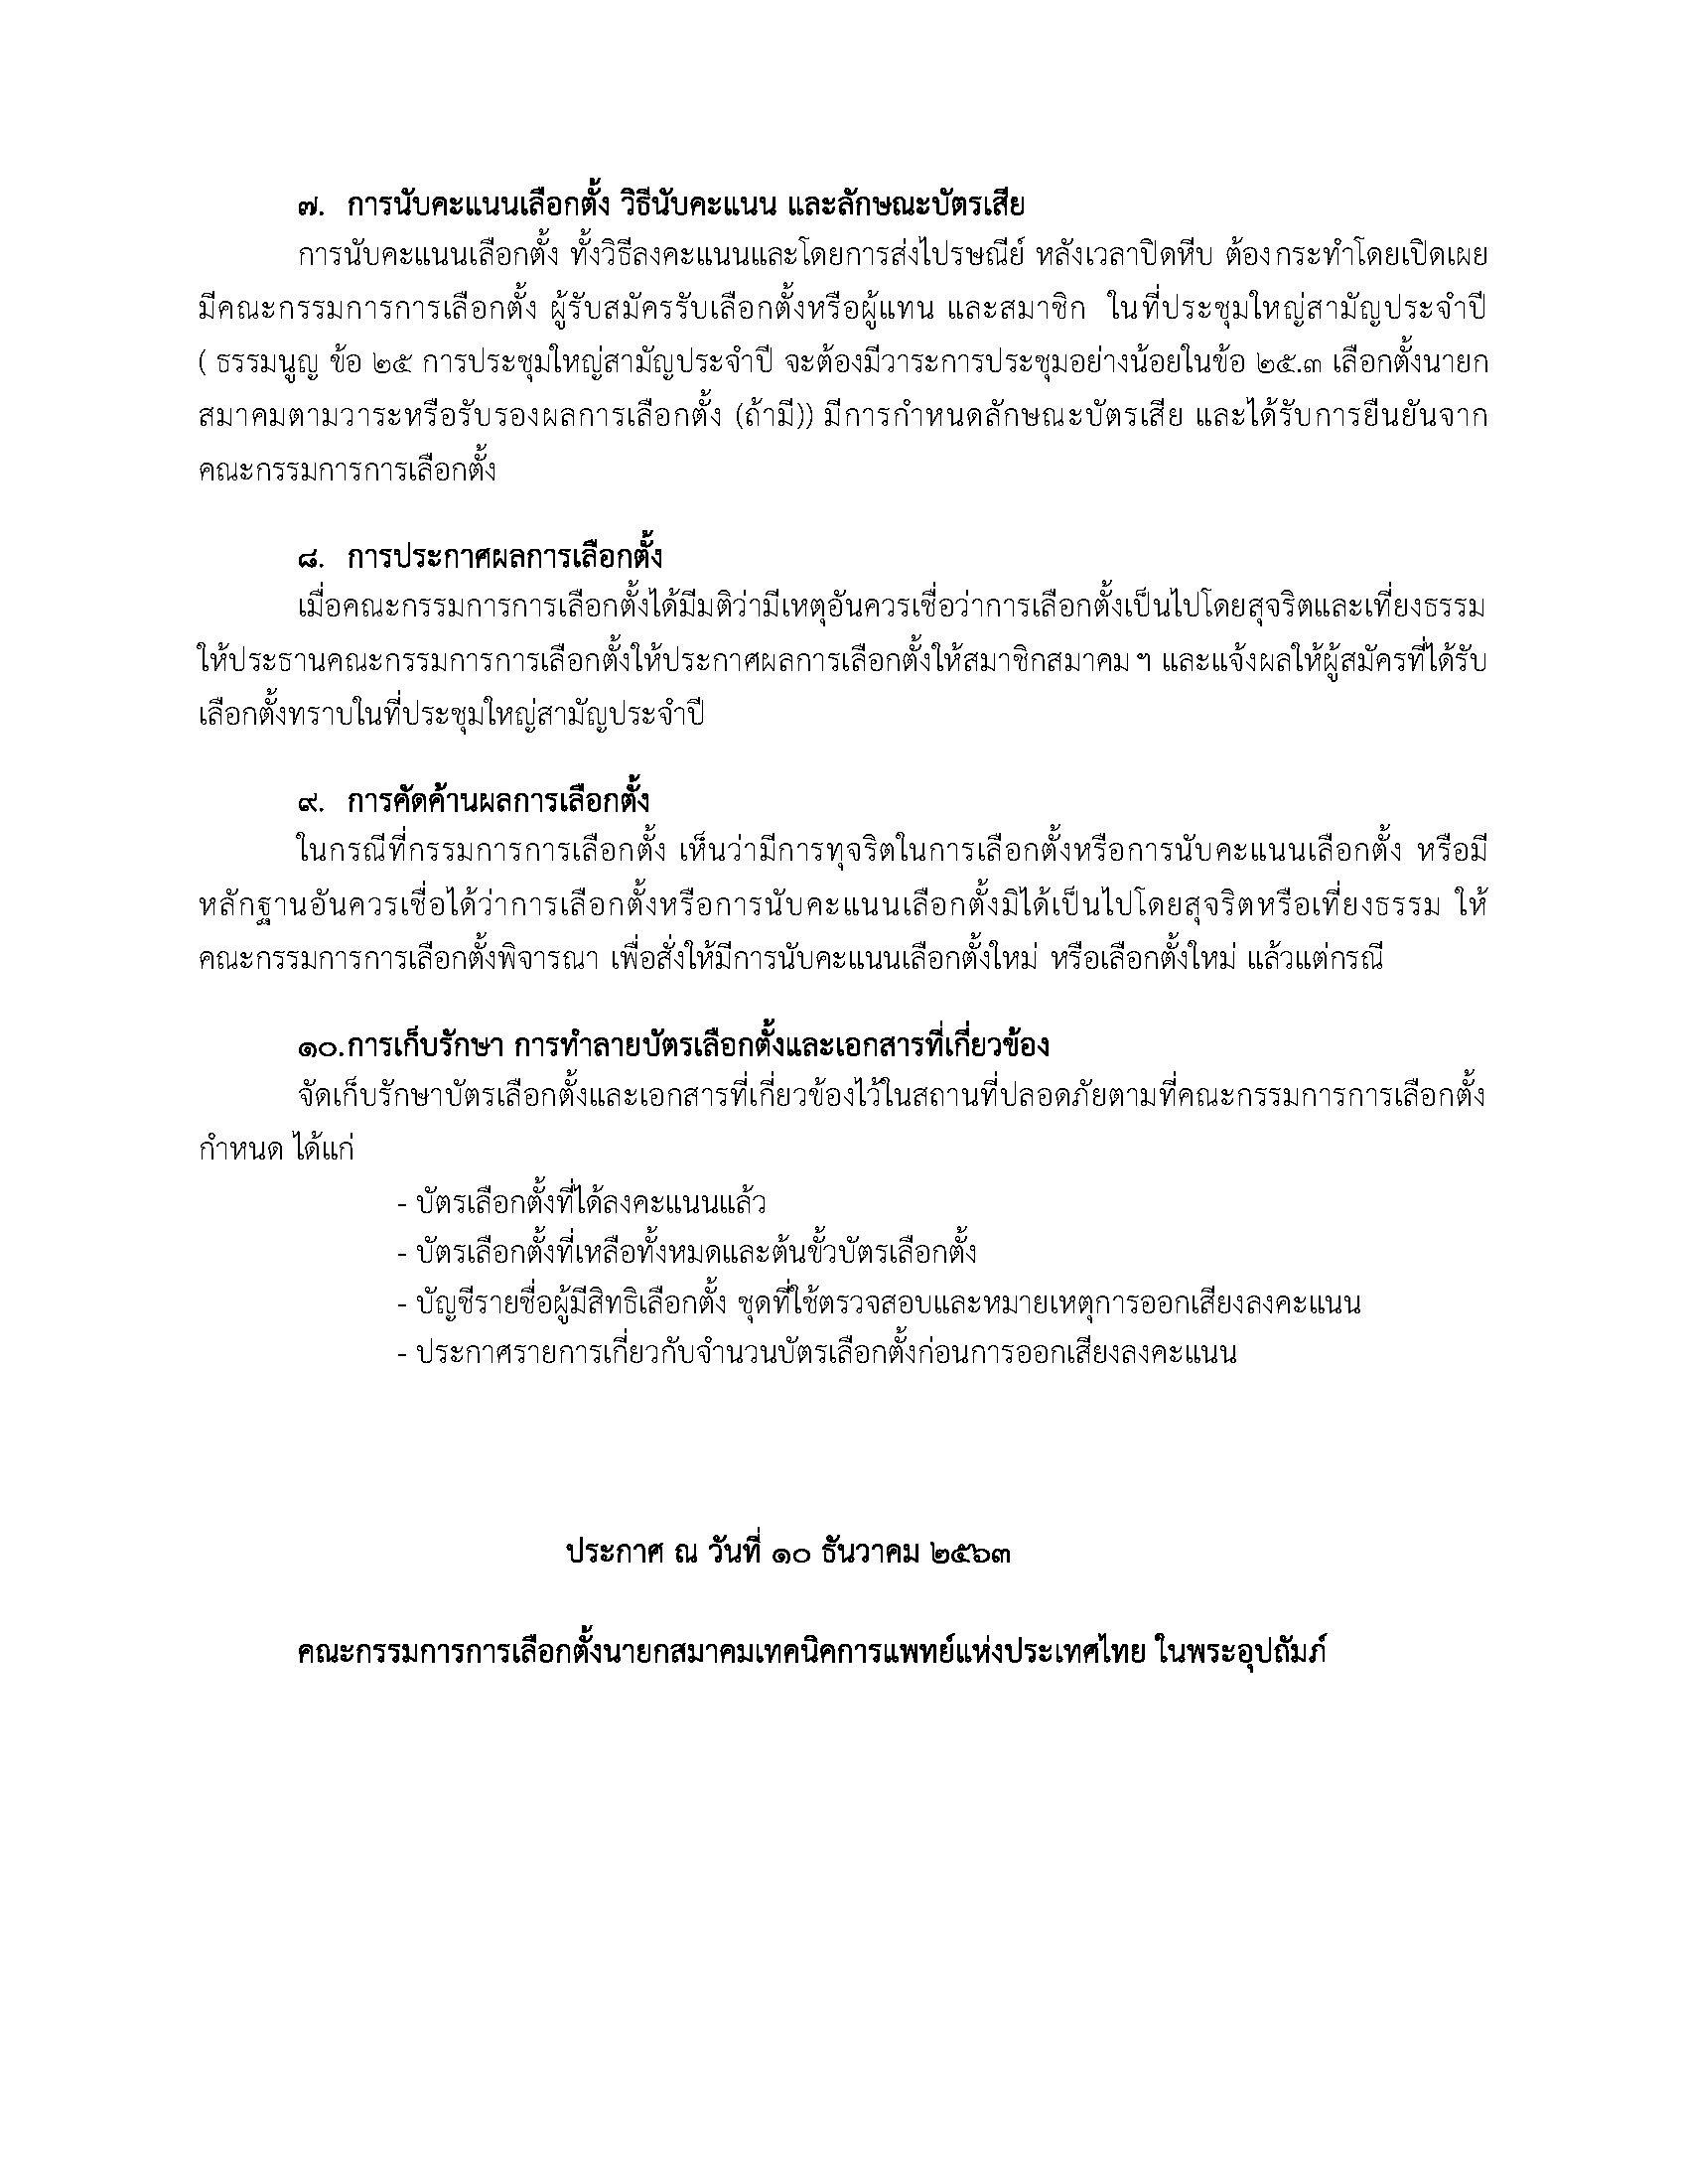 ระเบียบกกตนายกสมาคมเทคนิคการแพทย์64_Page_3.jpg